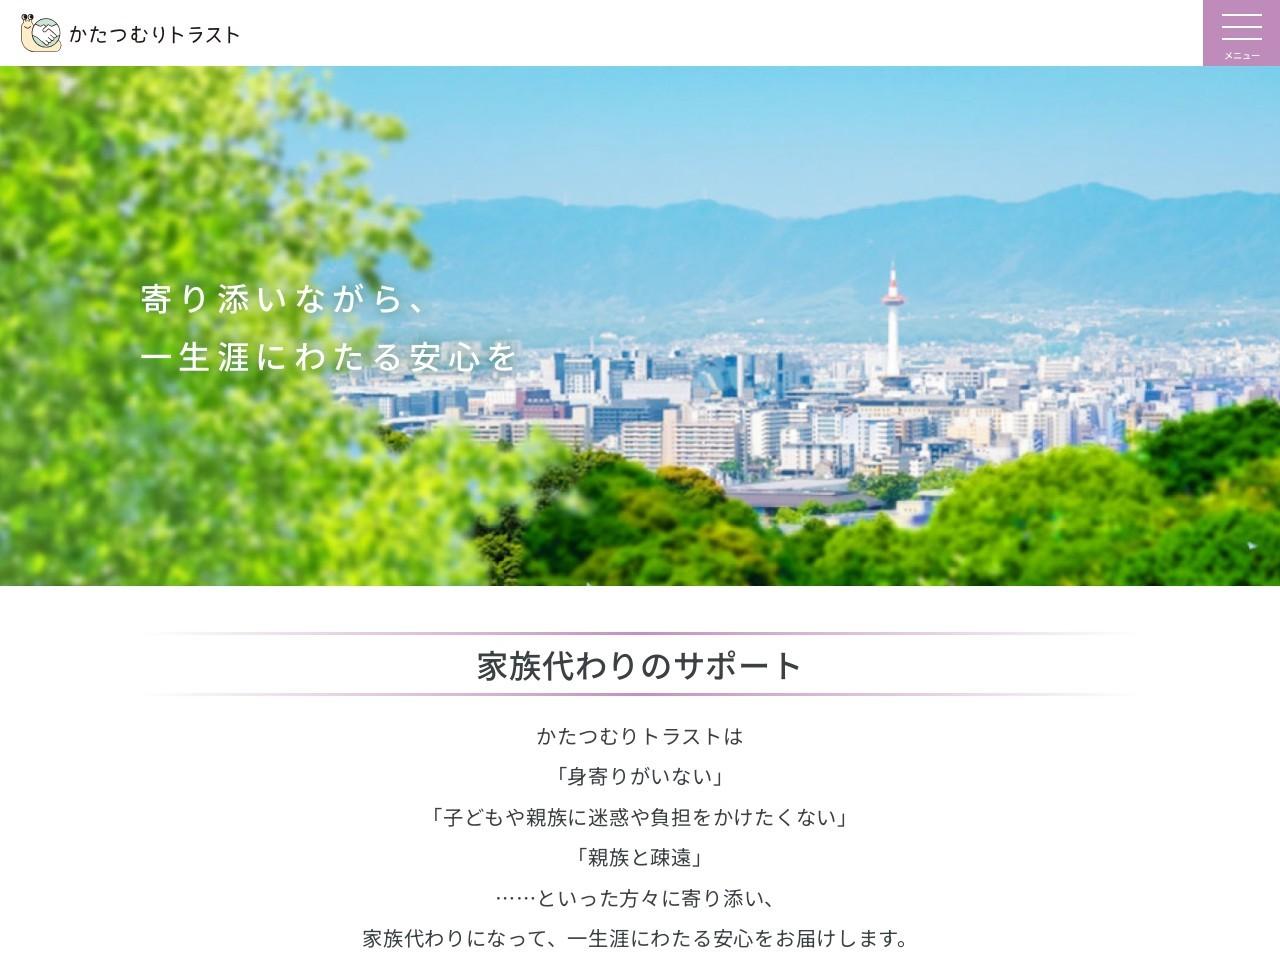 一般社団法人京都高齢者支援協会 かたつむりトラスト | 京都・滋賀のシニア・高齢者の身元保証などのサポート